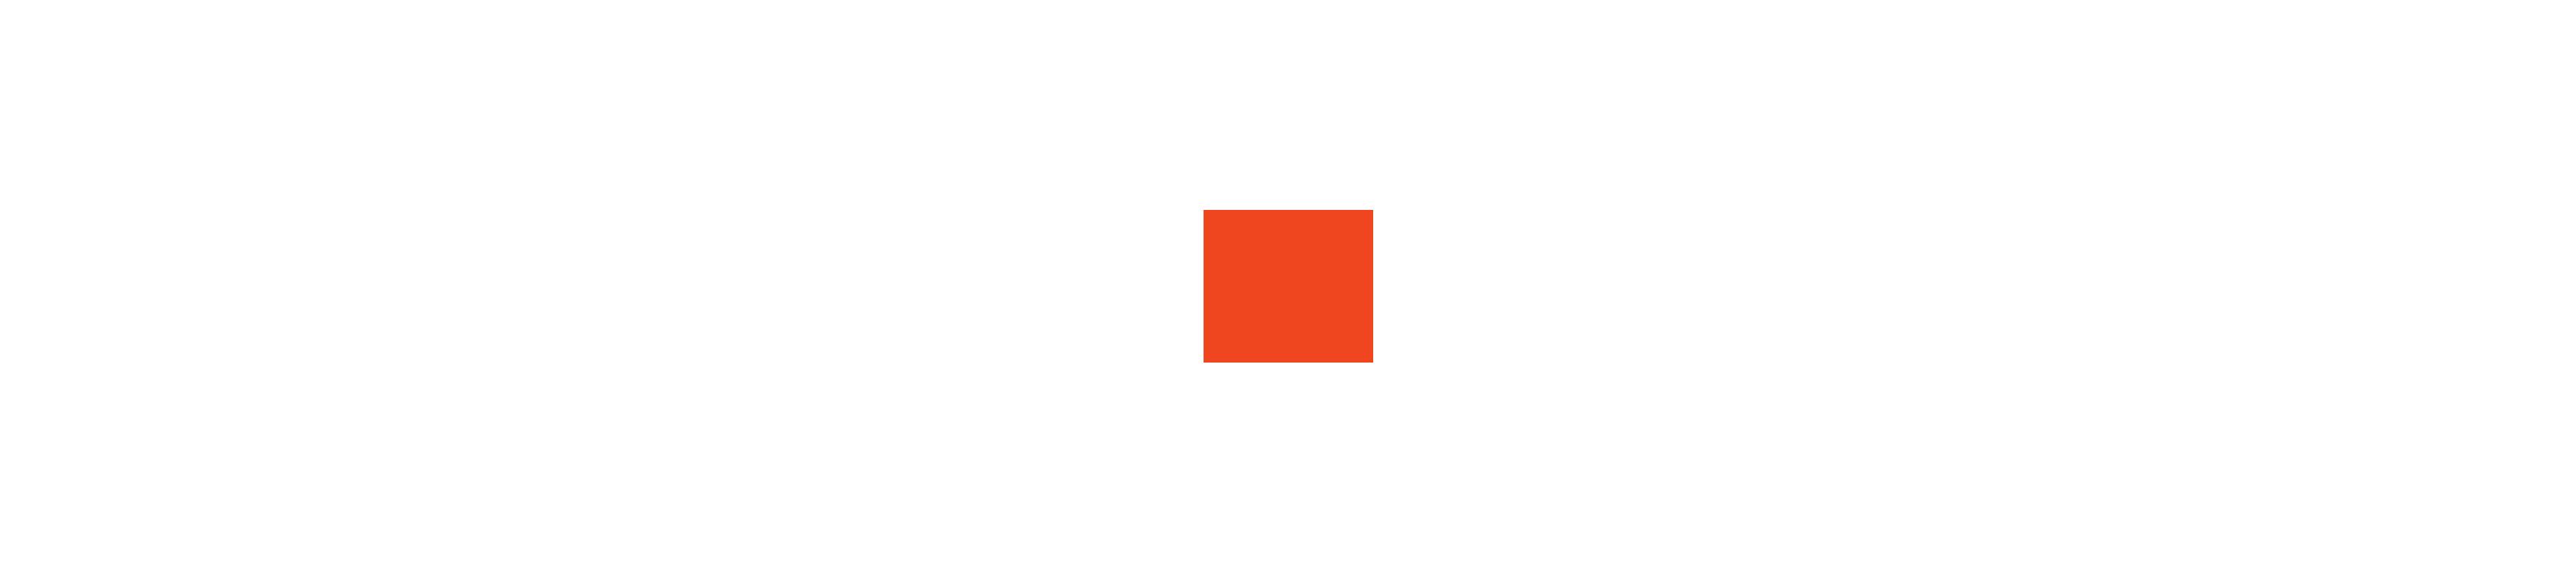 ddc2019-arrow